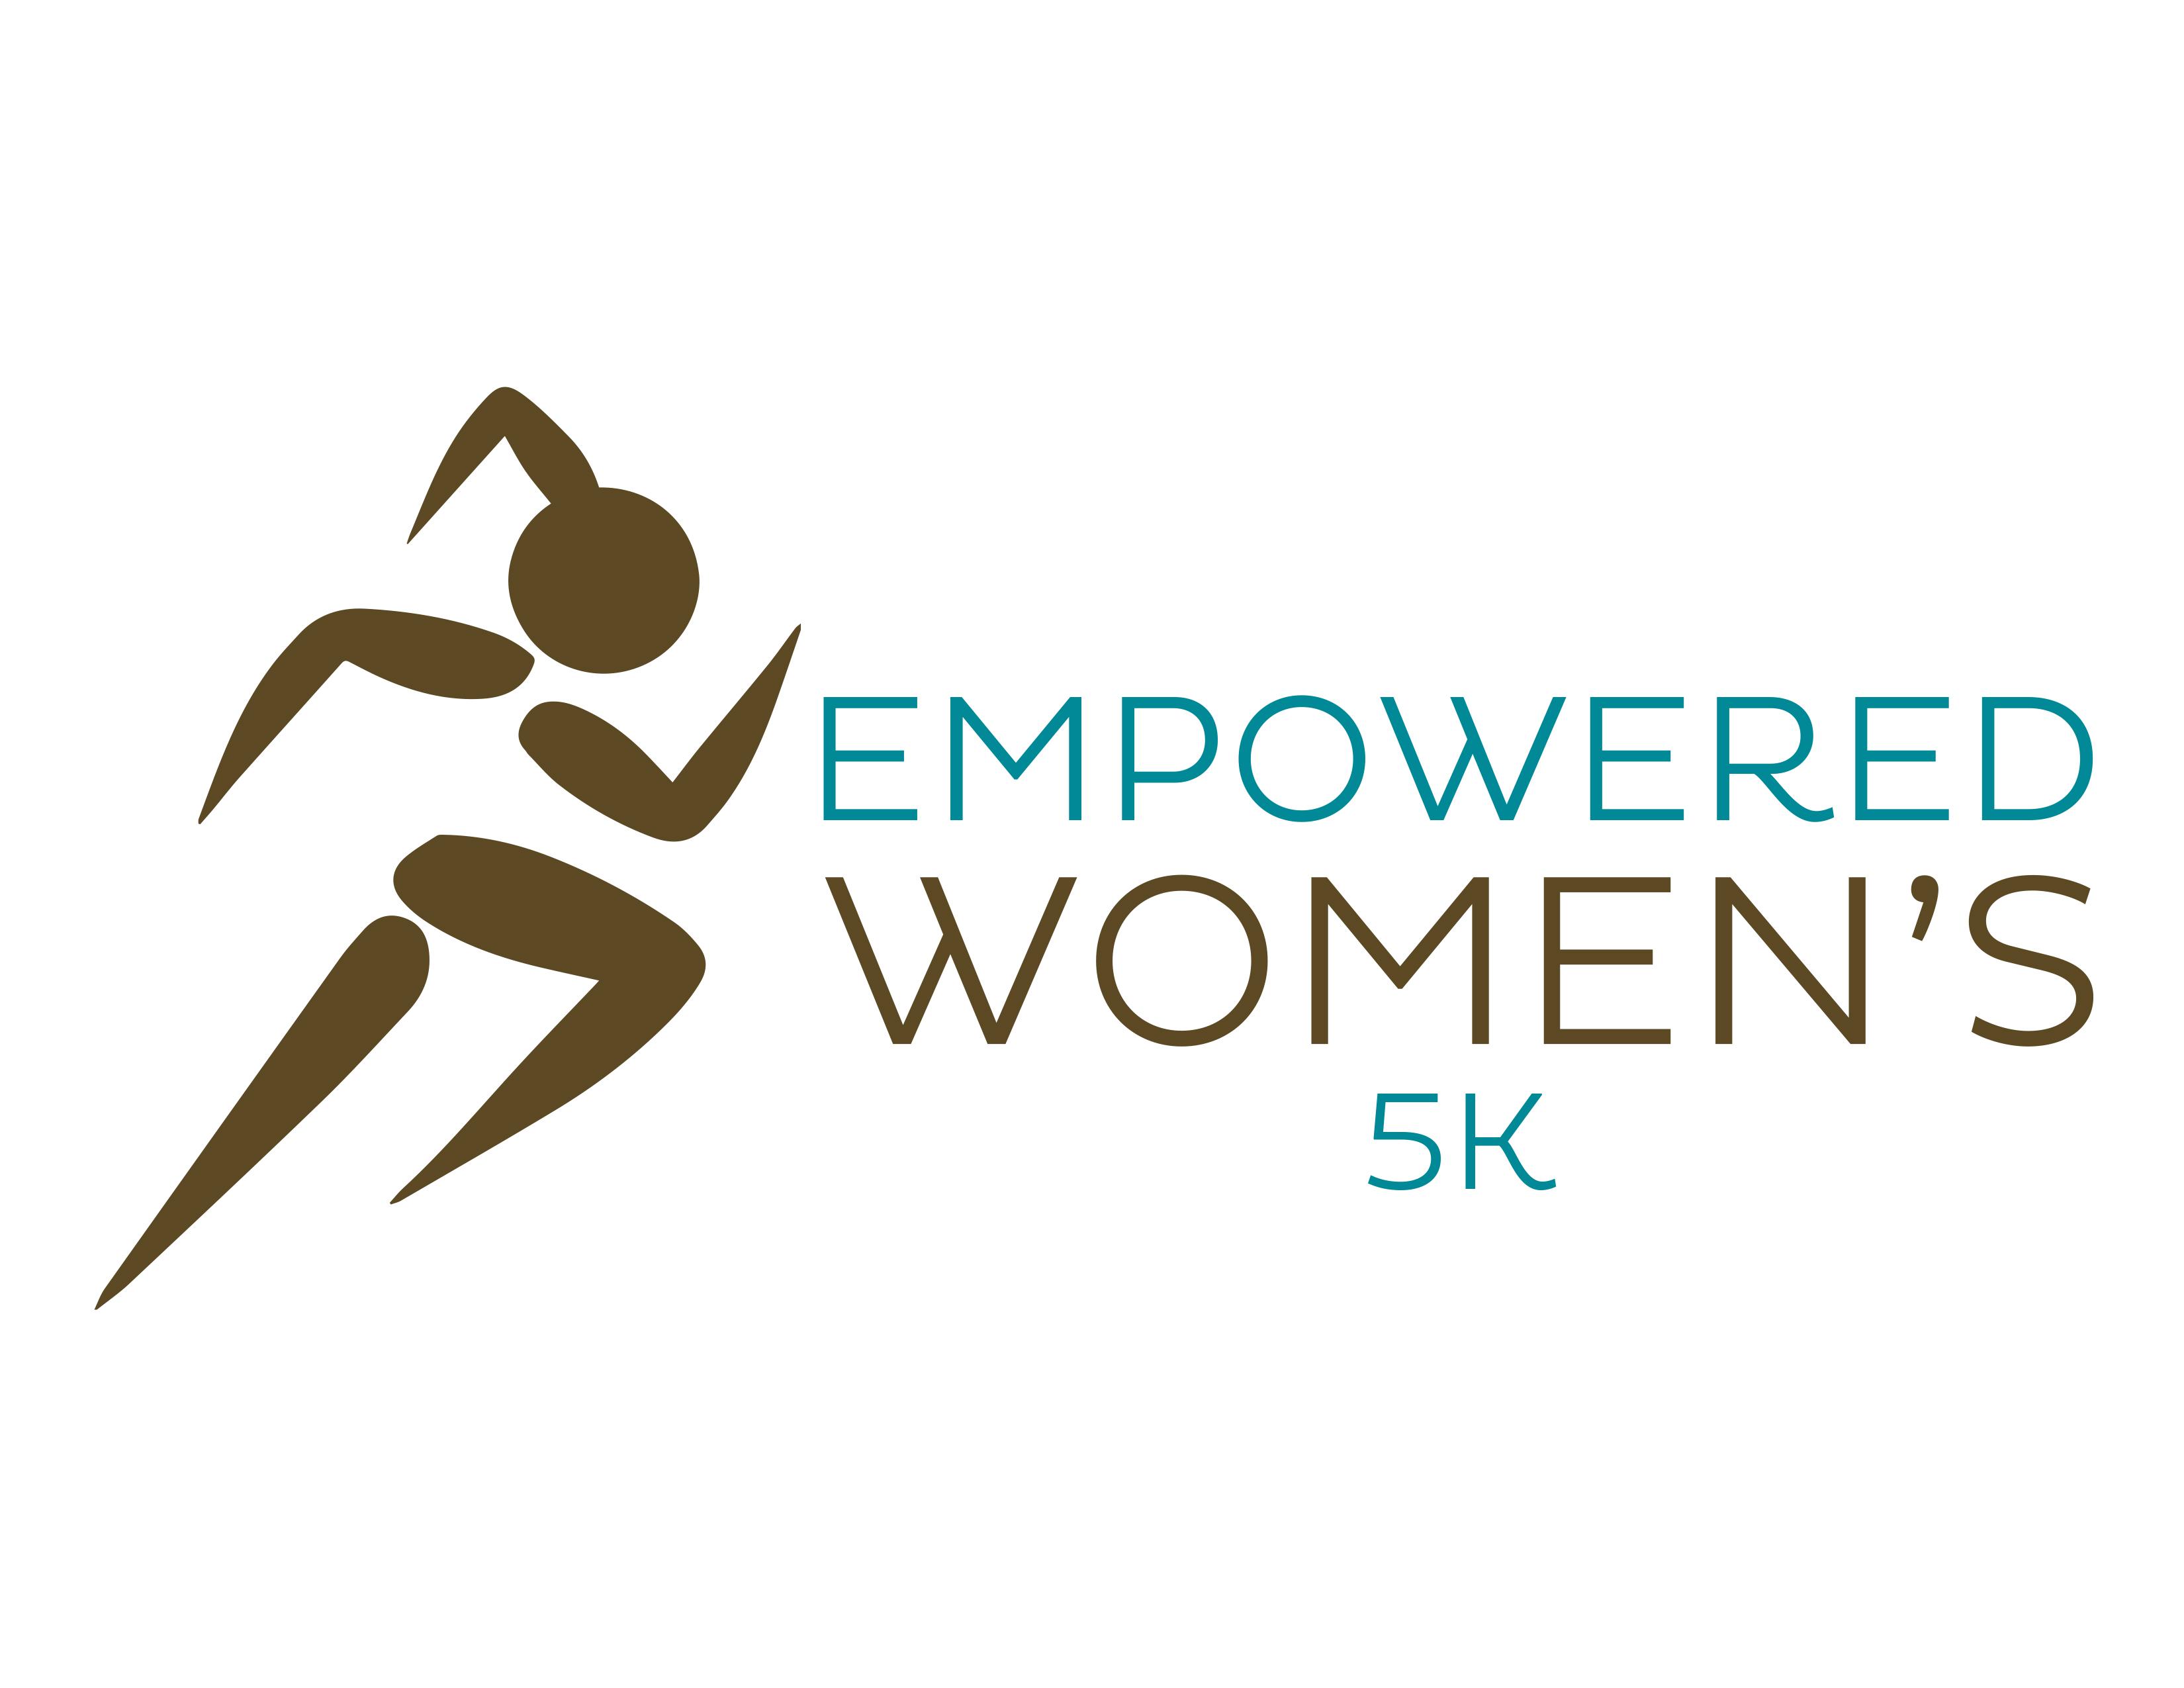 Empowered Women's 5k